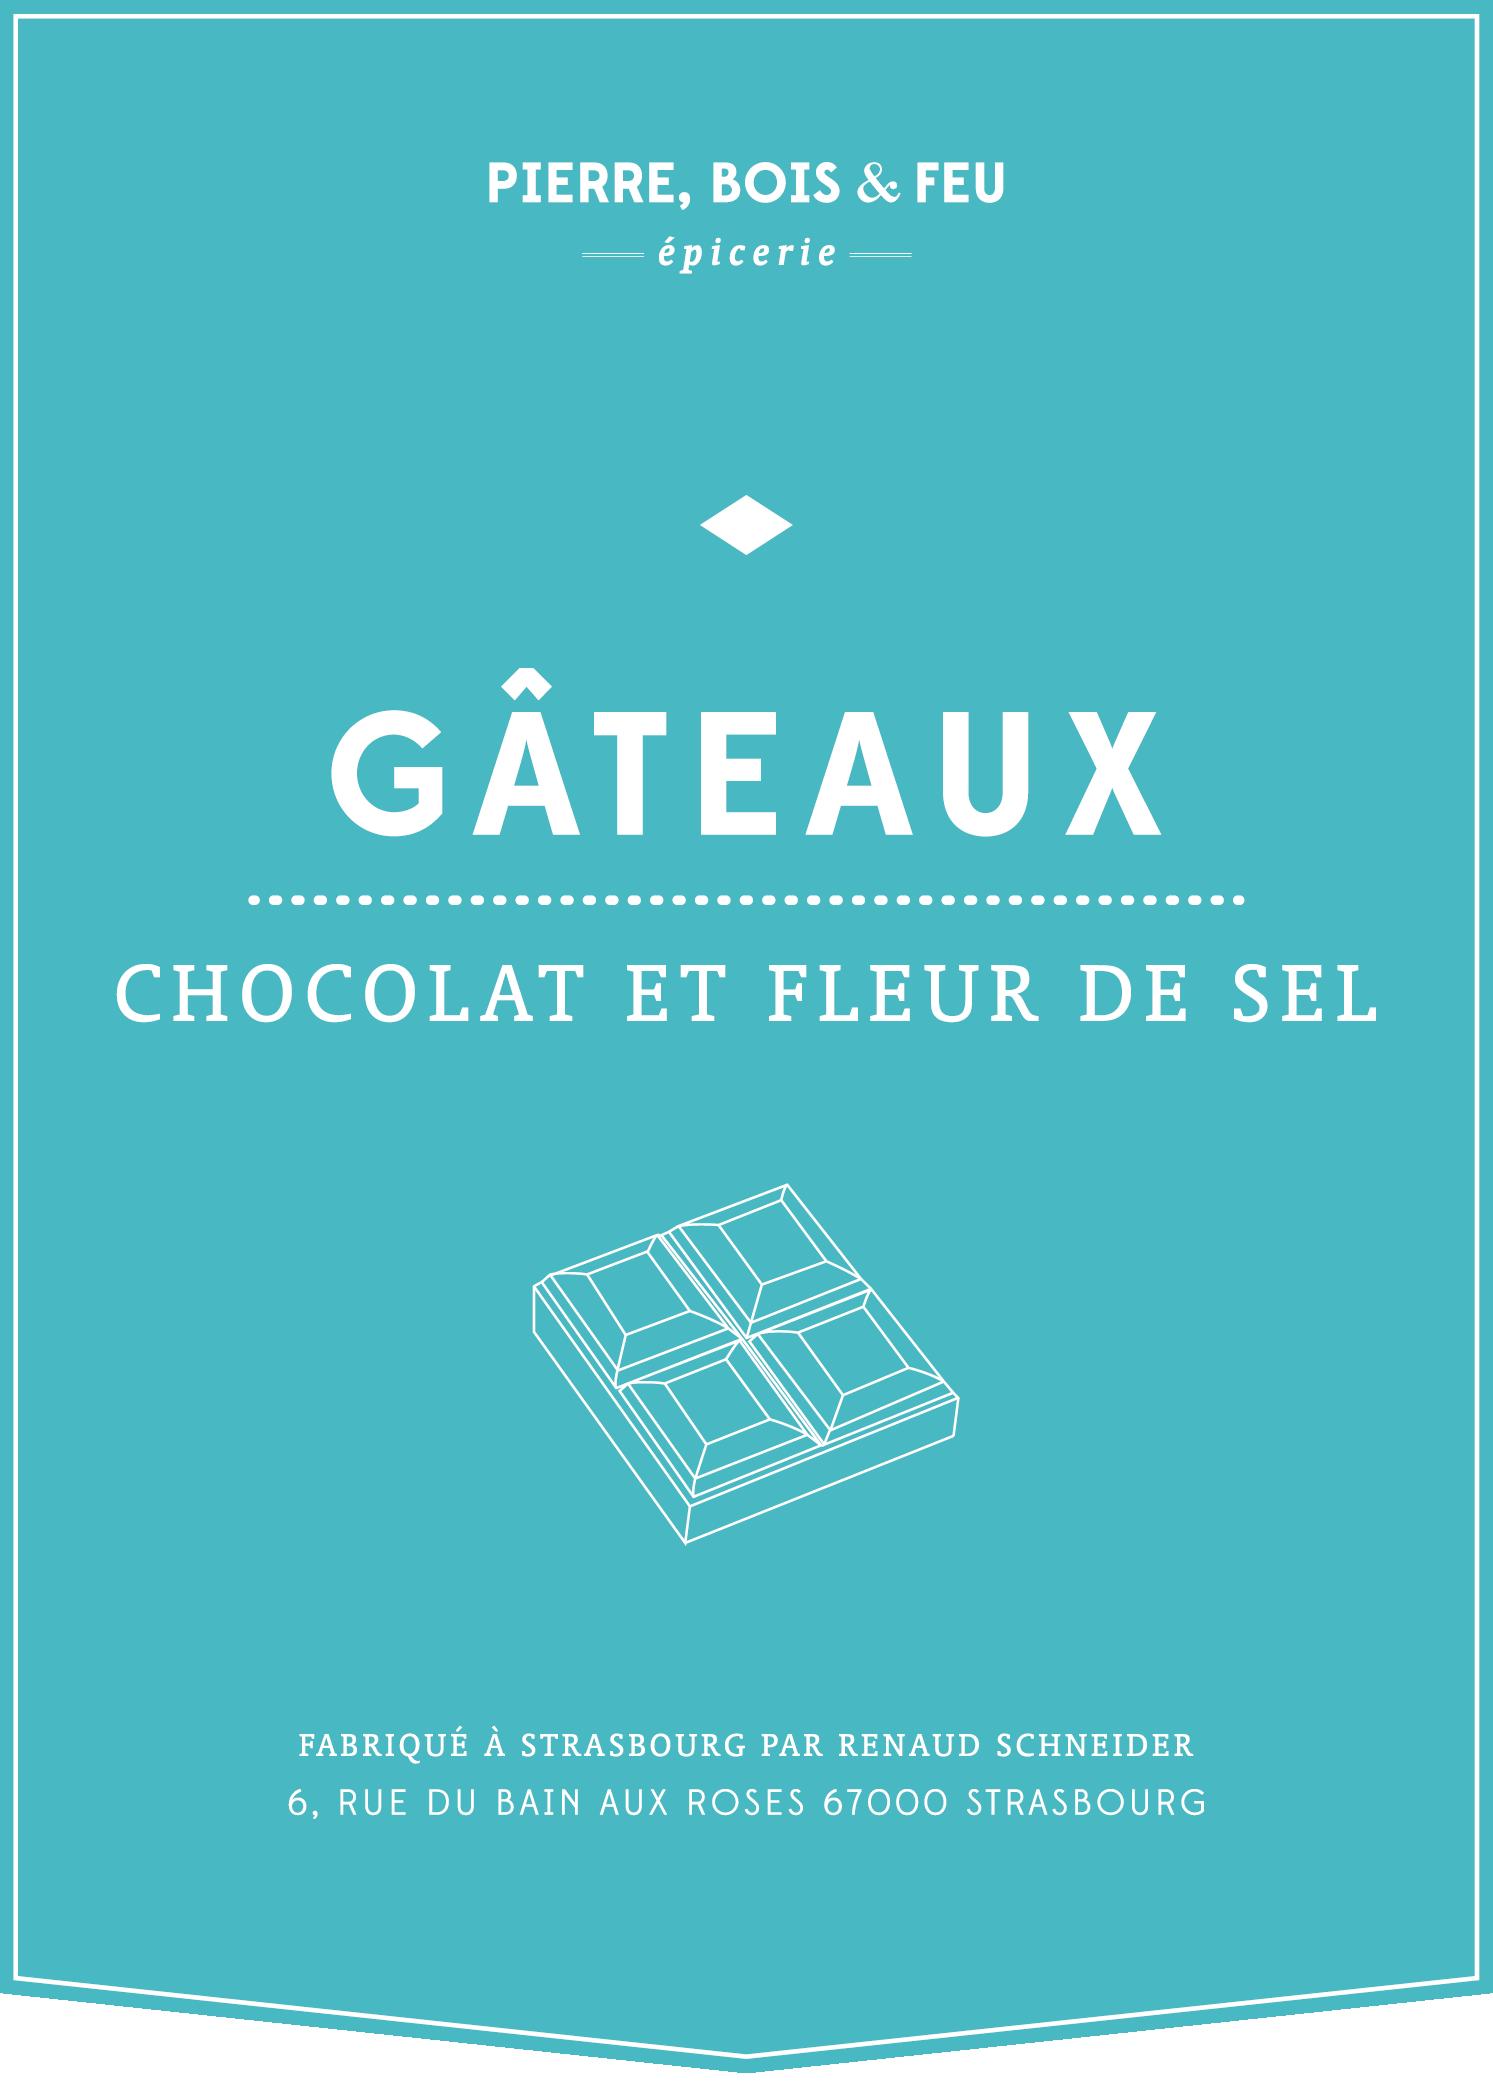 epicerie_gateaux-03